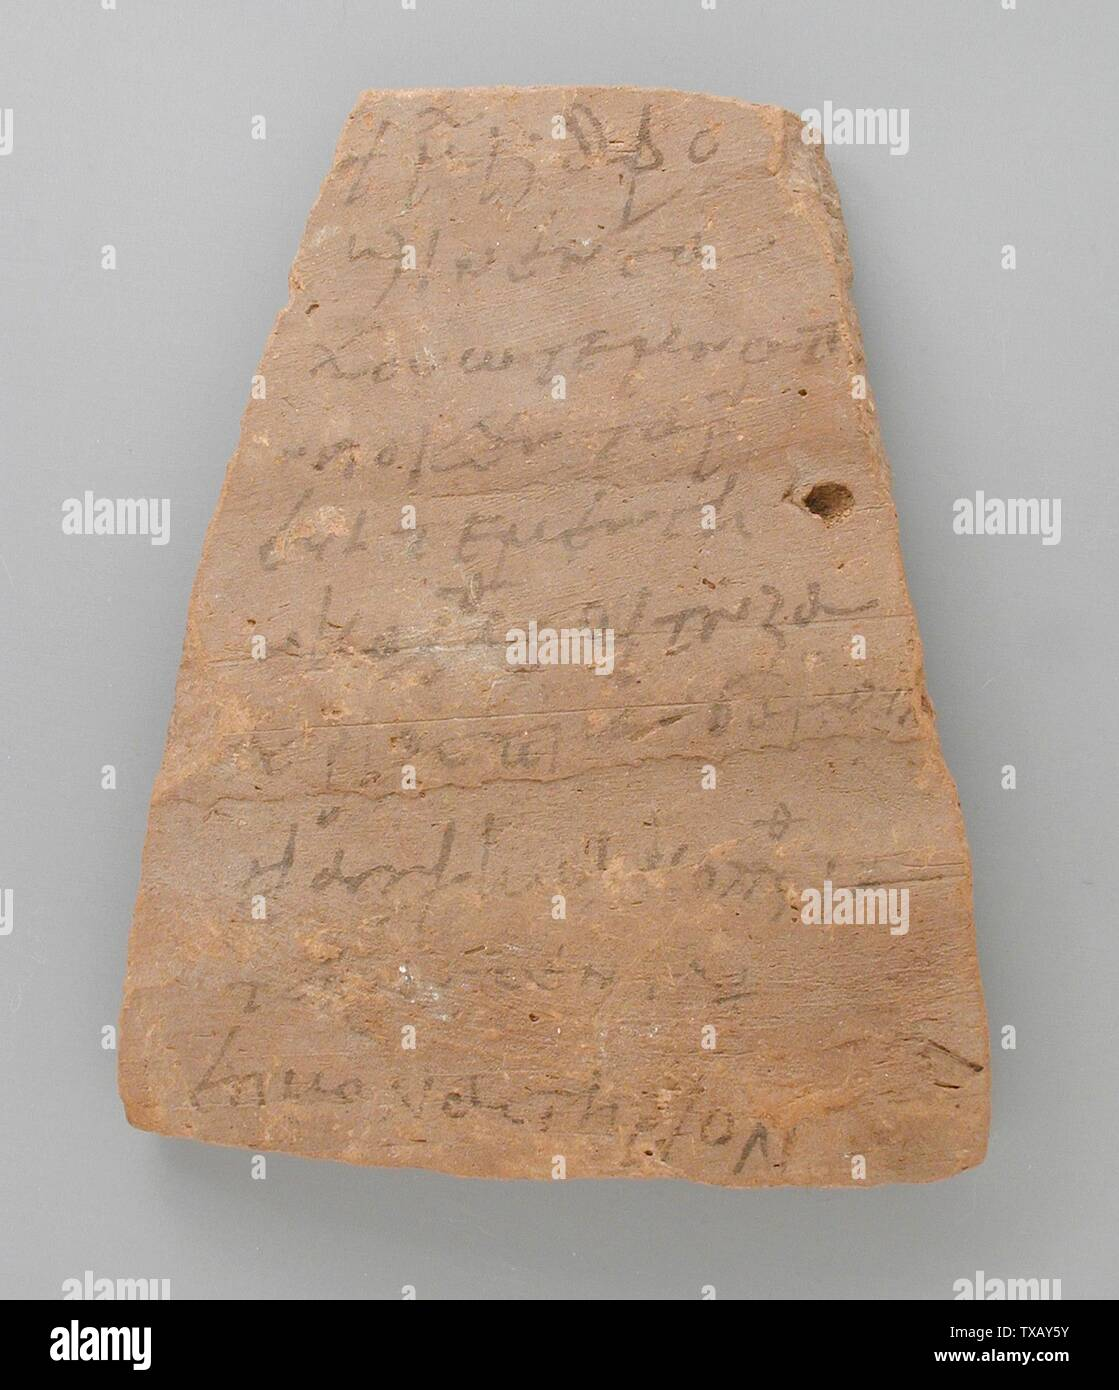 Avec l'inscription 'Ostracon copte; Anglais: Egypte, période copte 250-600 , les outils et l'équipement; Don de terre cuite ostraka Jerome F. Snyder (M.80.202.192) L'art égyptien; 250-600; ' Photo Stock